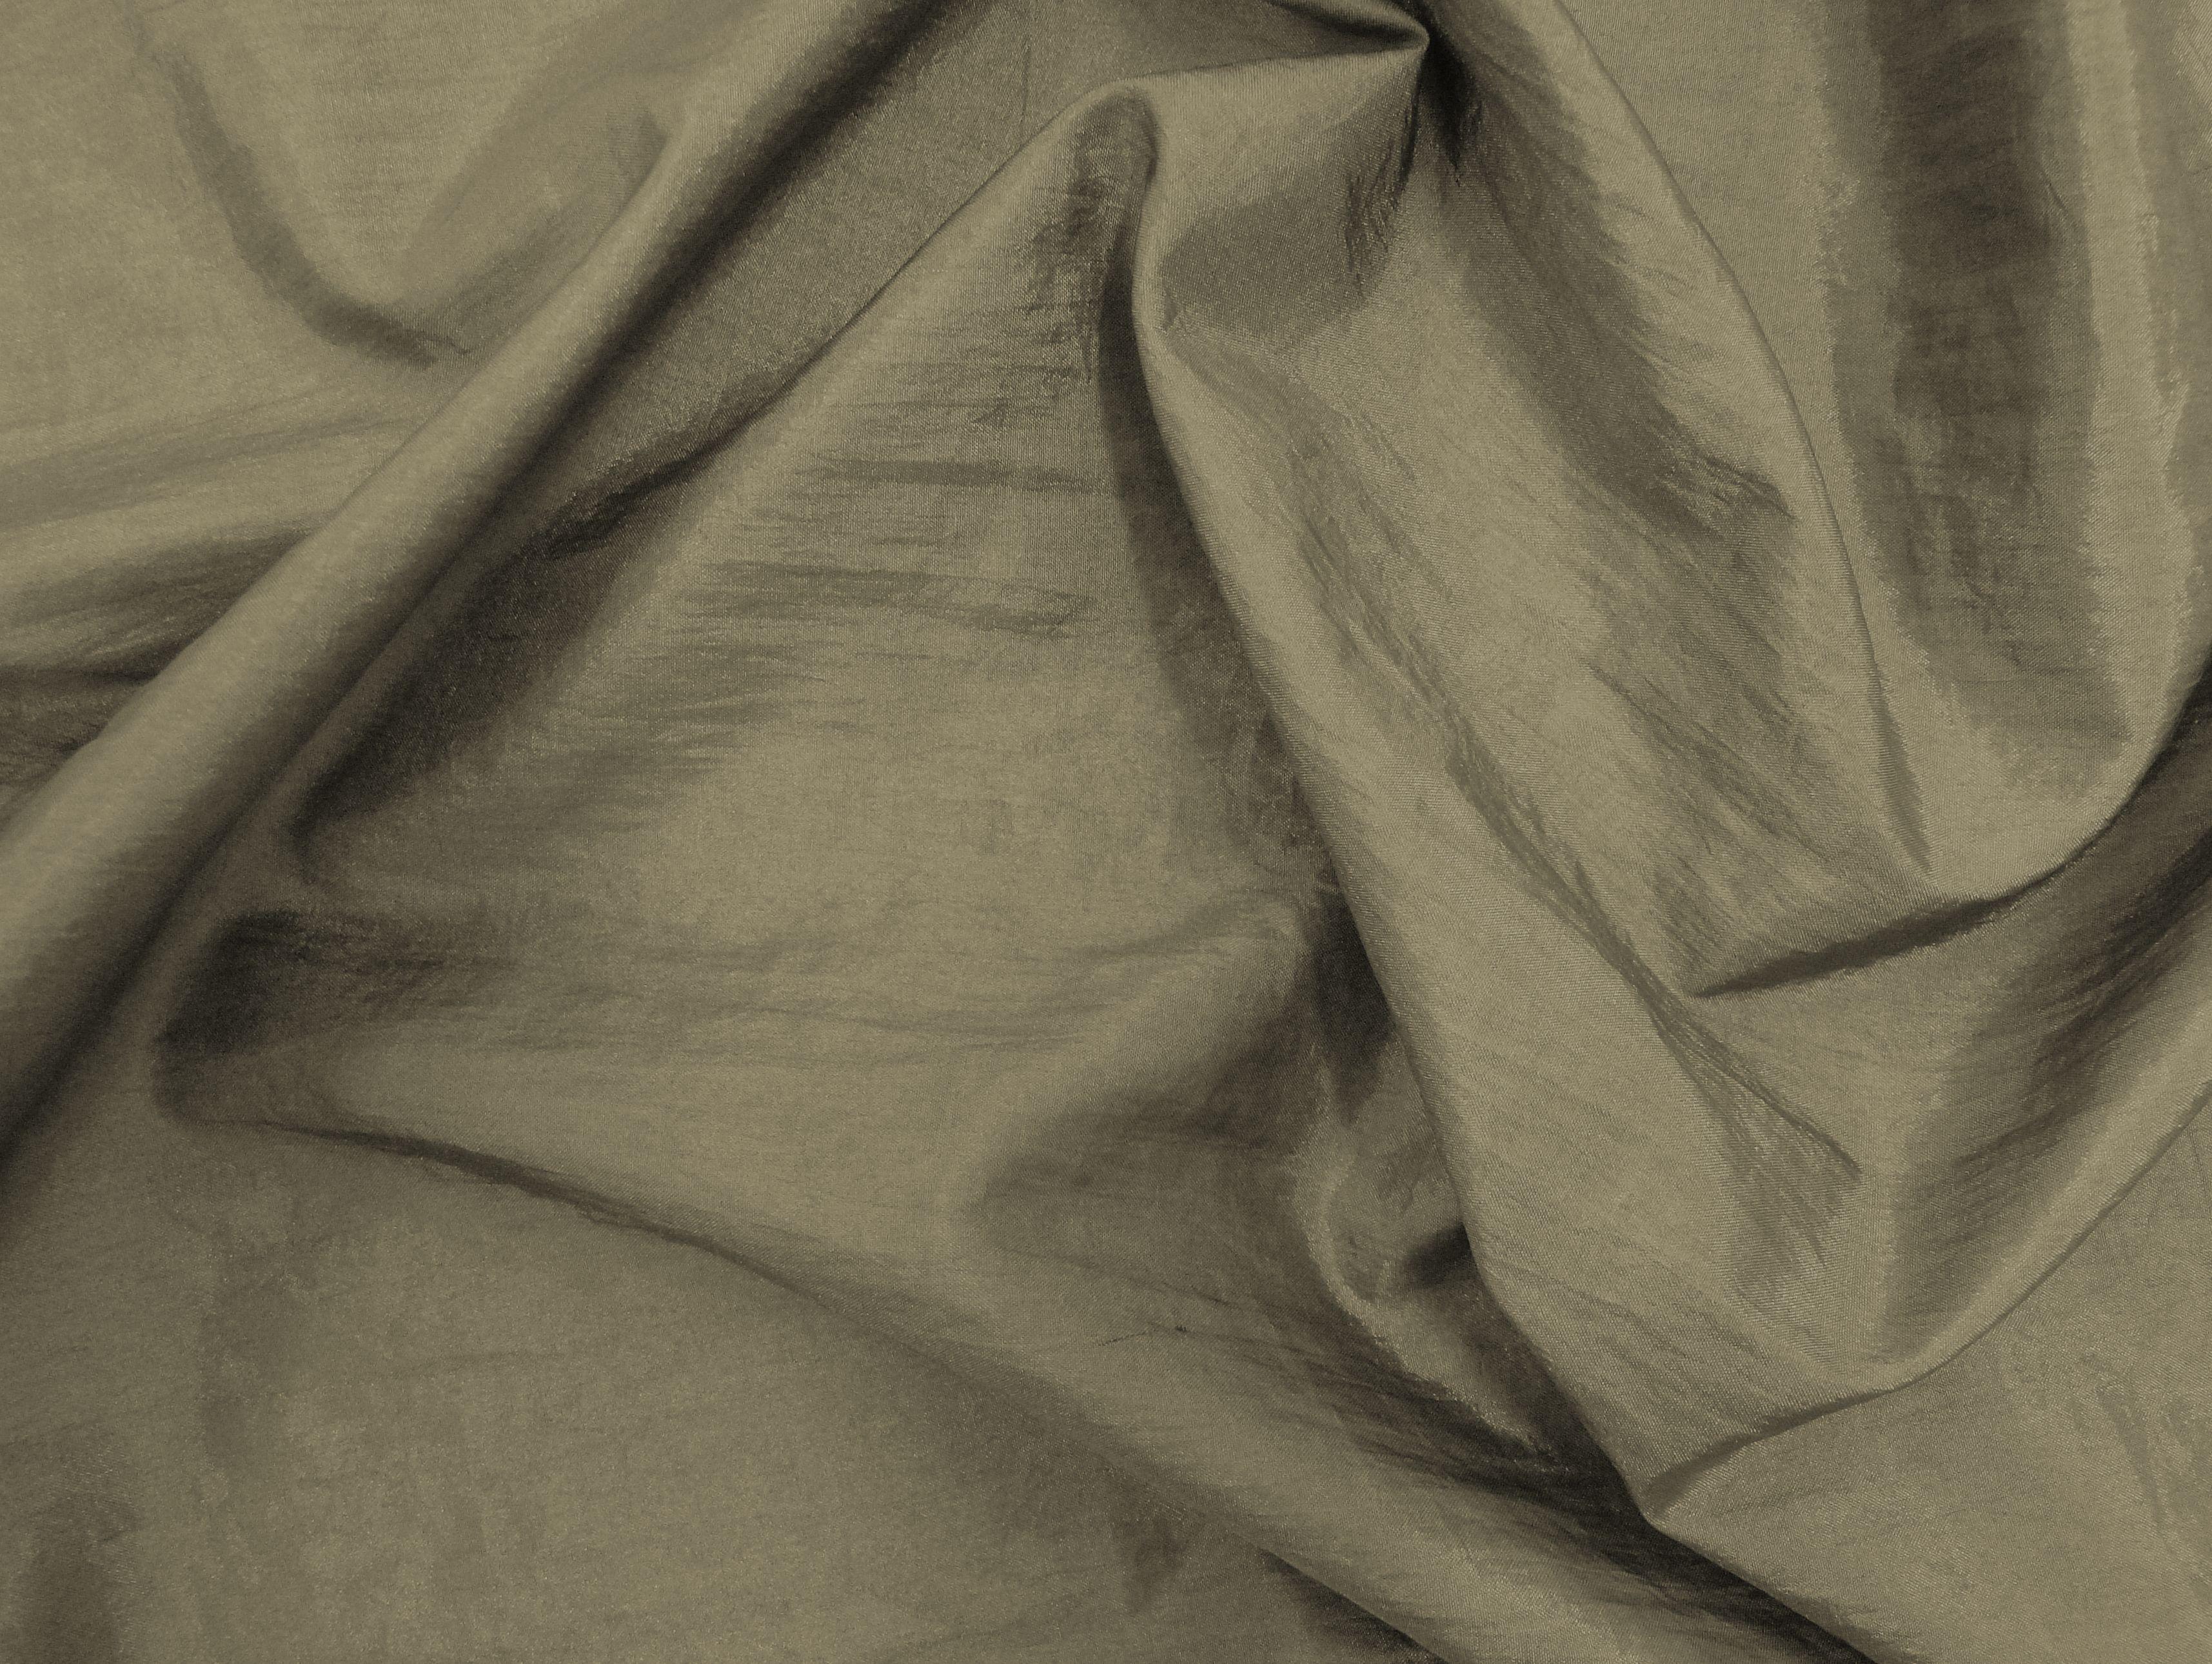 Hightech (Nozes). Tecido leve, com brilho acetinado, superfície com suave efeito de amassado. Ideal para looks festa.  Sugestão para confeccionar: vestidos de festa, saias, blusas, entre outros.